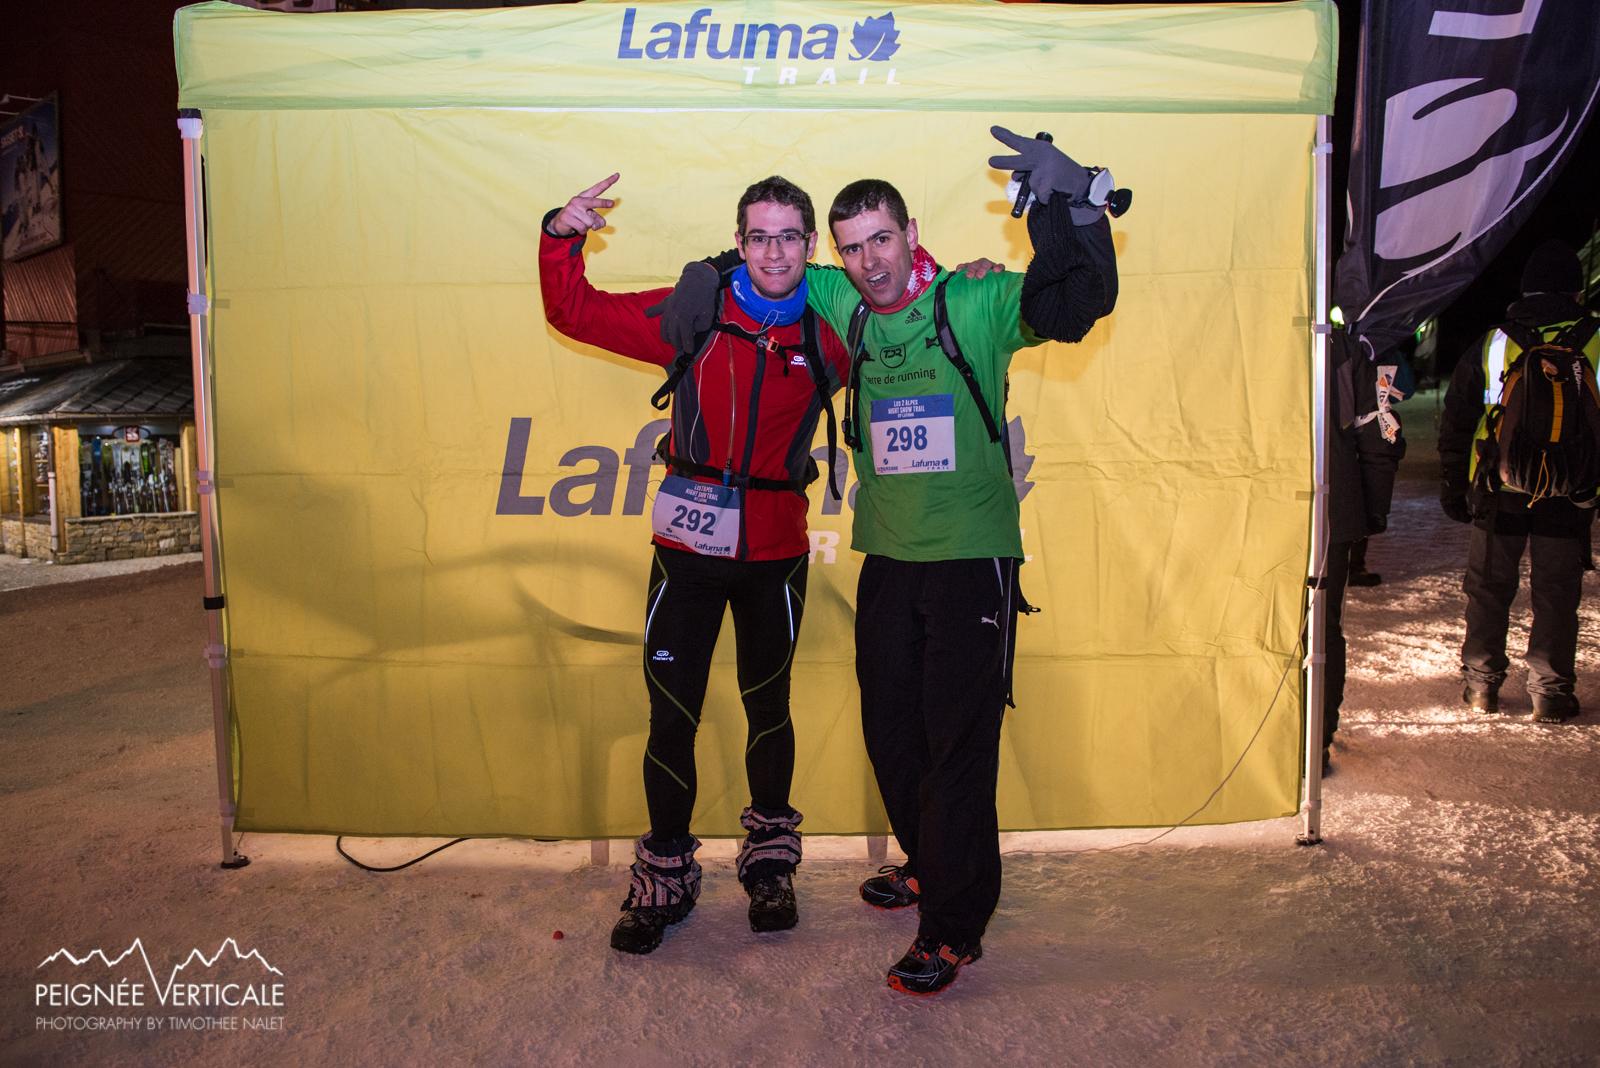 Timothée-Nalet-Le Dauphiné-Snow Trail Lafuma-6216.jpg